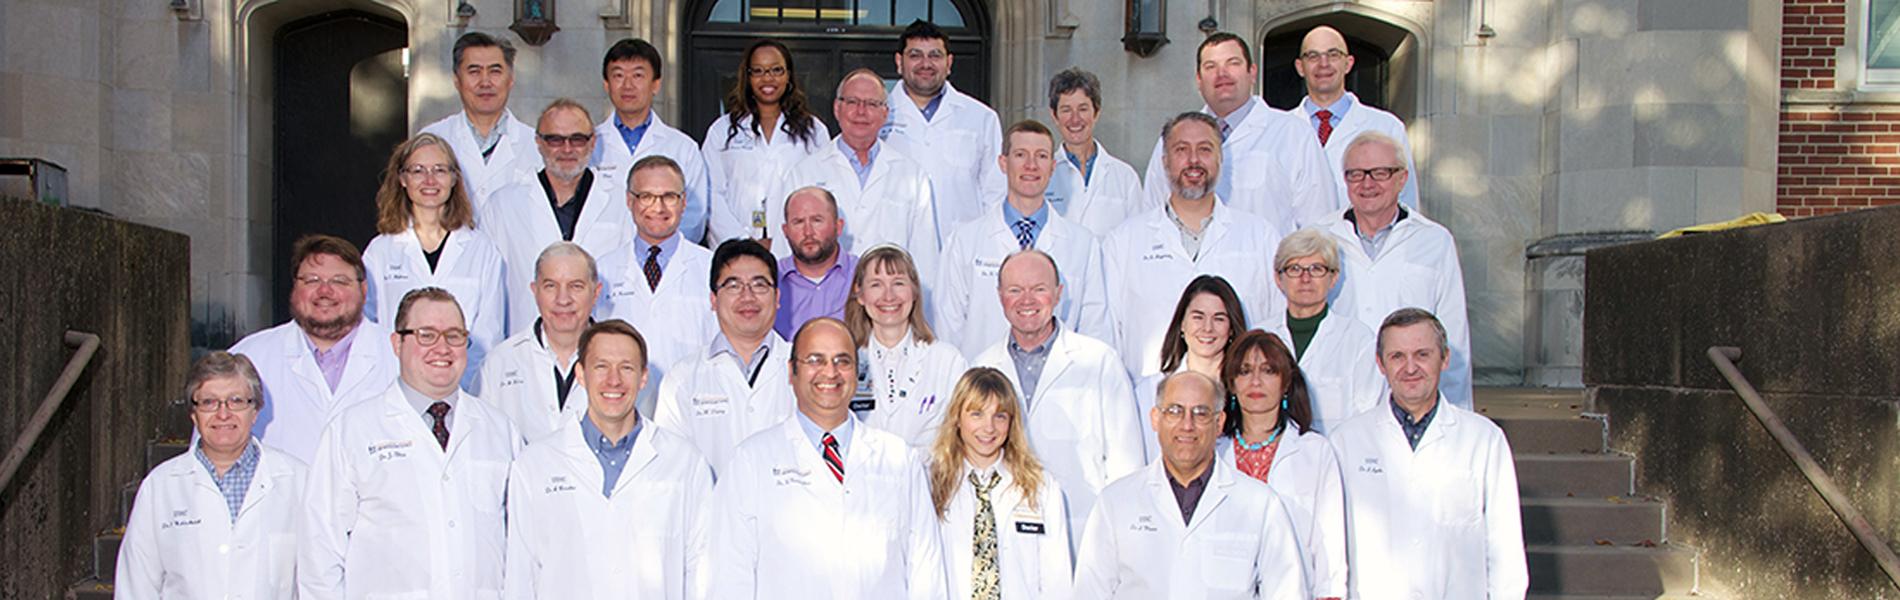 Pathology Faculty